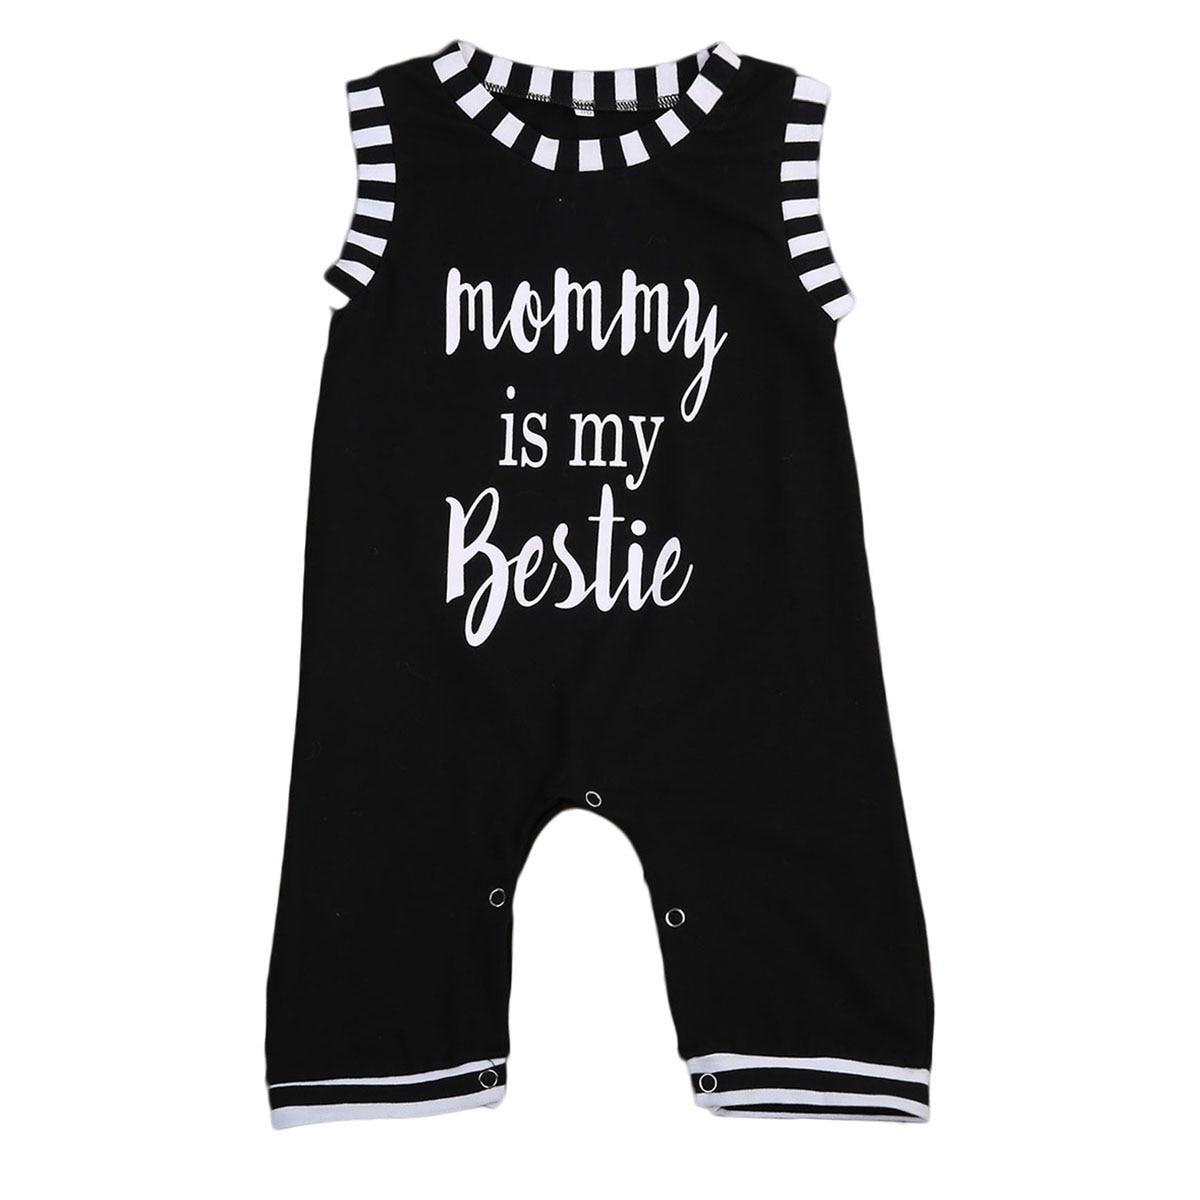 Детский летний комбинезон с принтом «Mommy is my Best» для маленьких мальчиков и девочек, полосатая одежда без рукавов